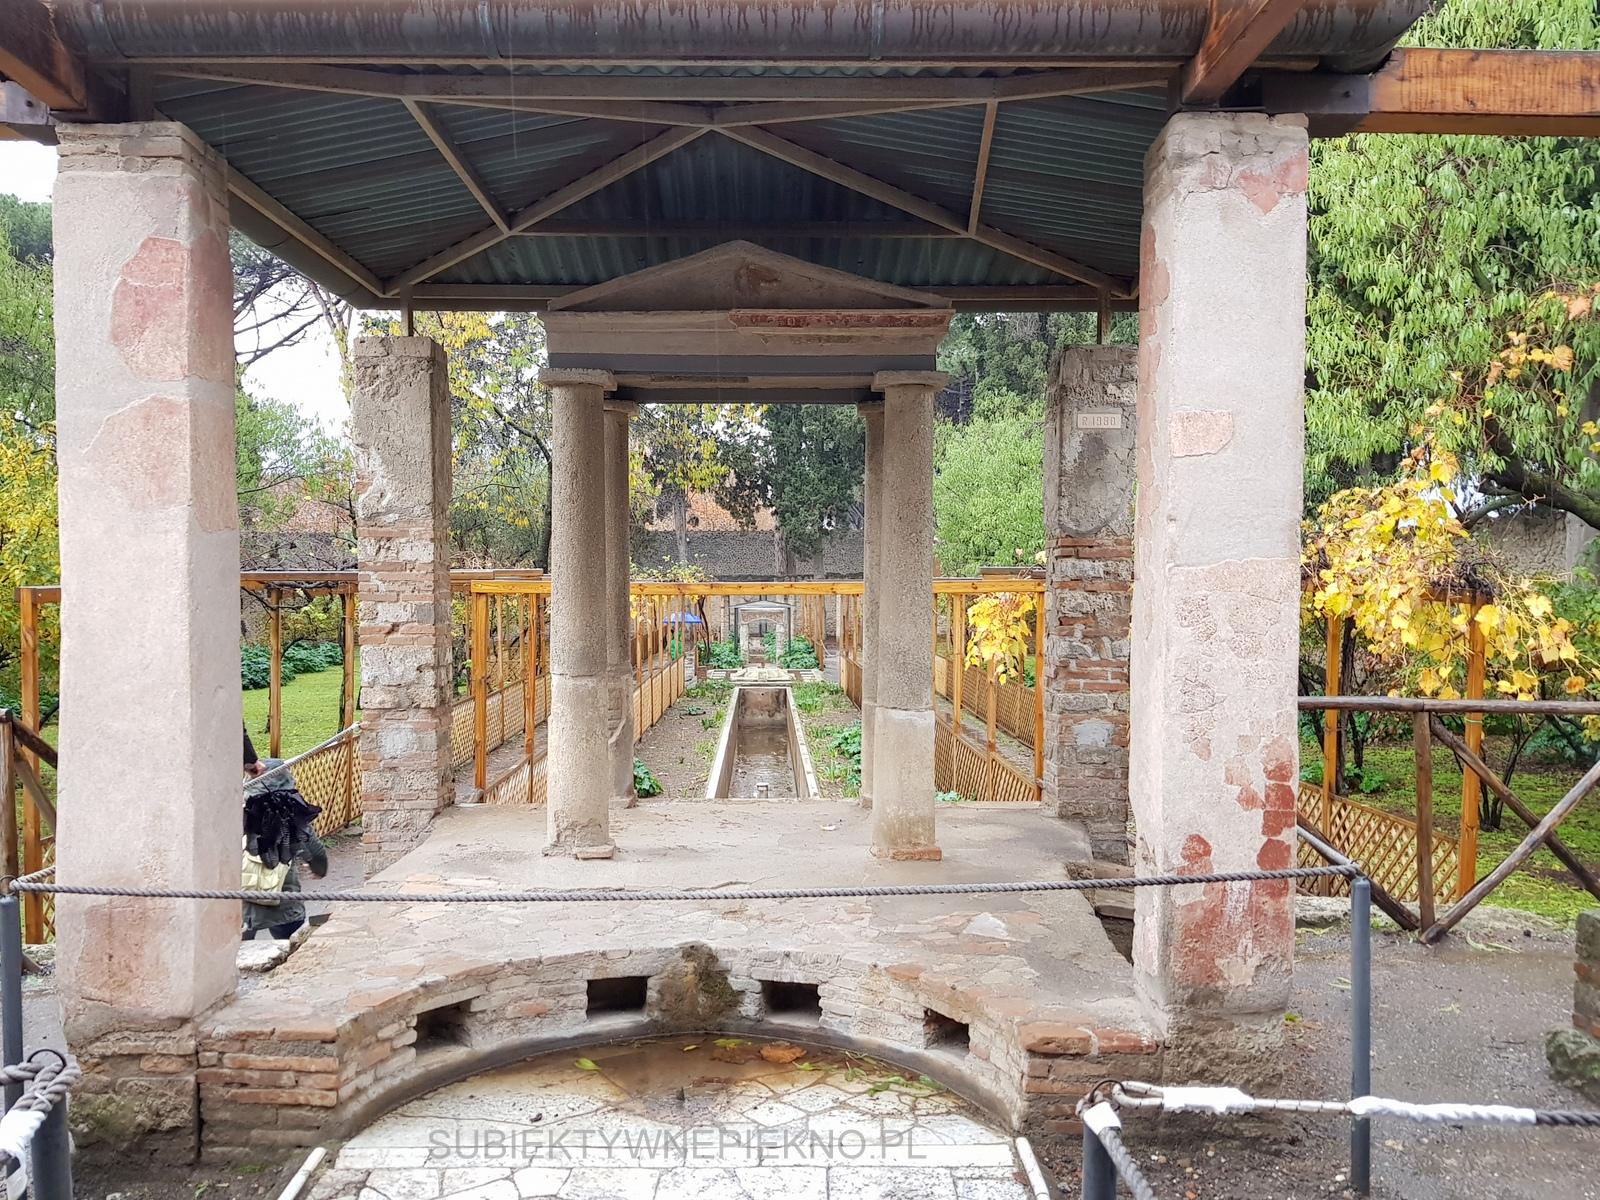 Pompeje koło Neapolu. Zwiedzanie ruin starożytnego miasta ogród